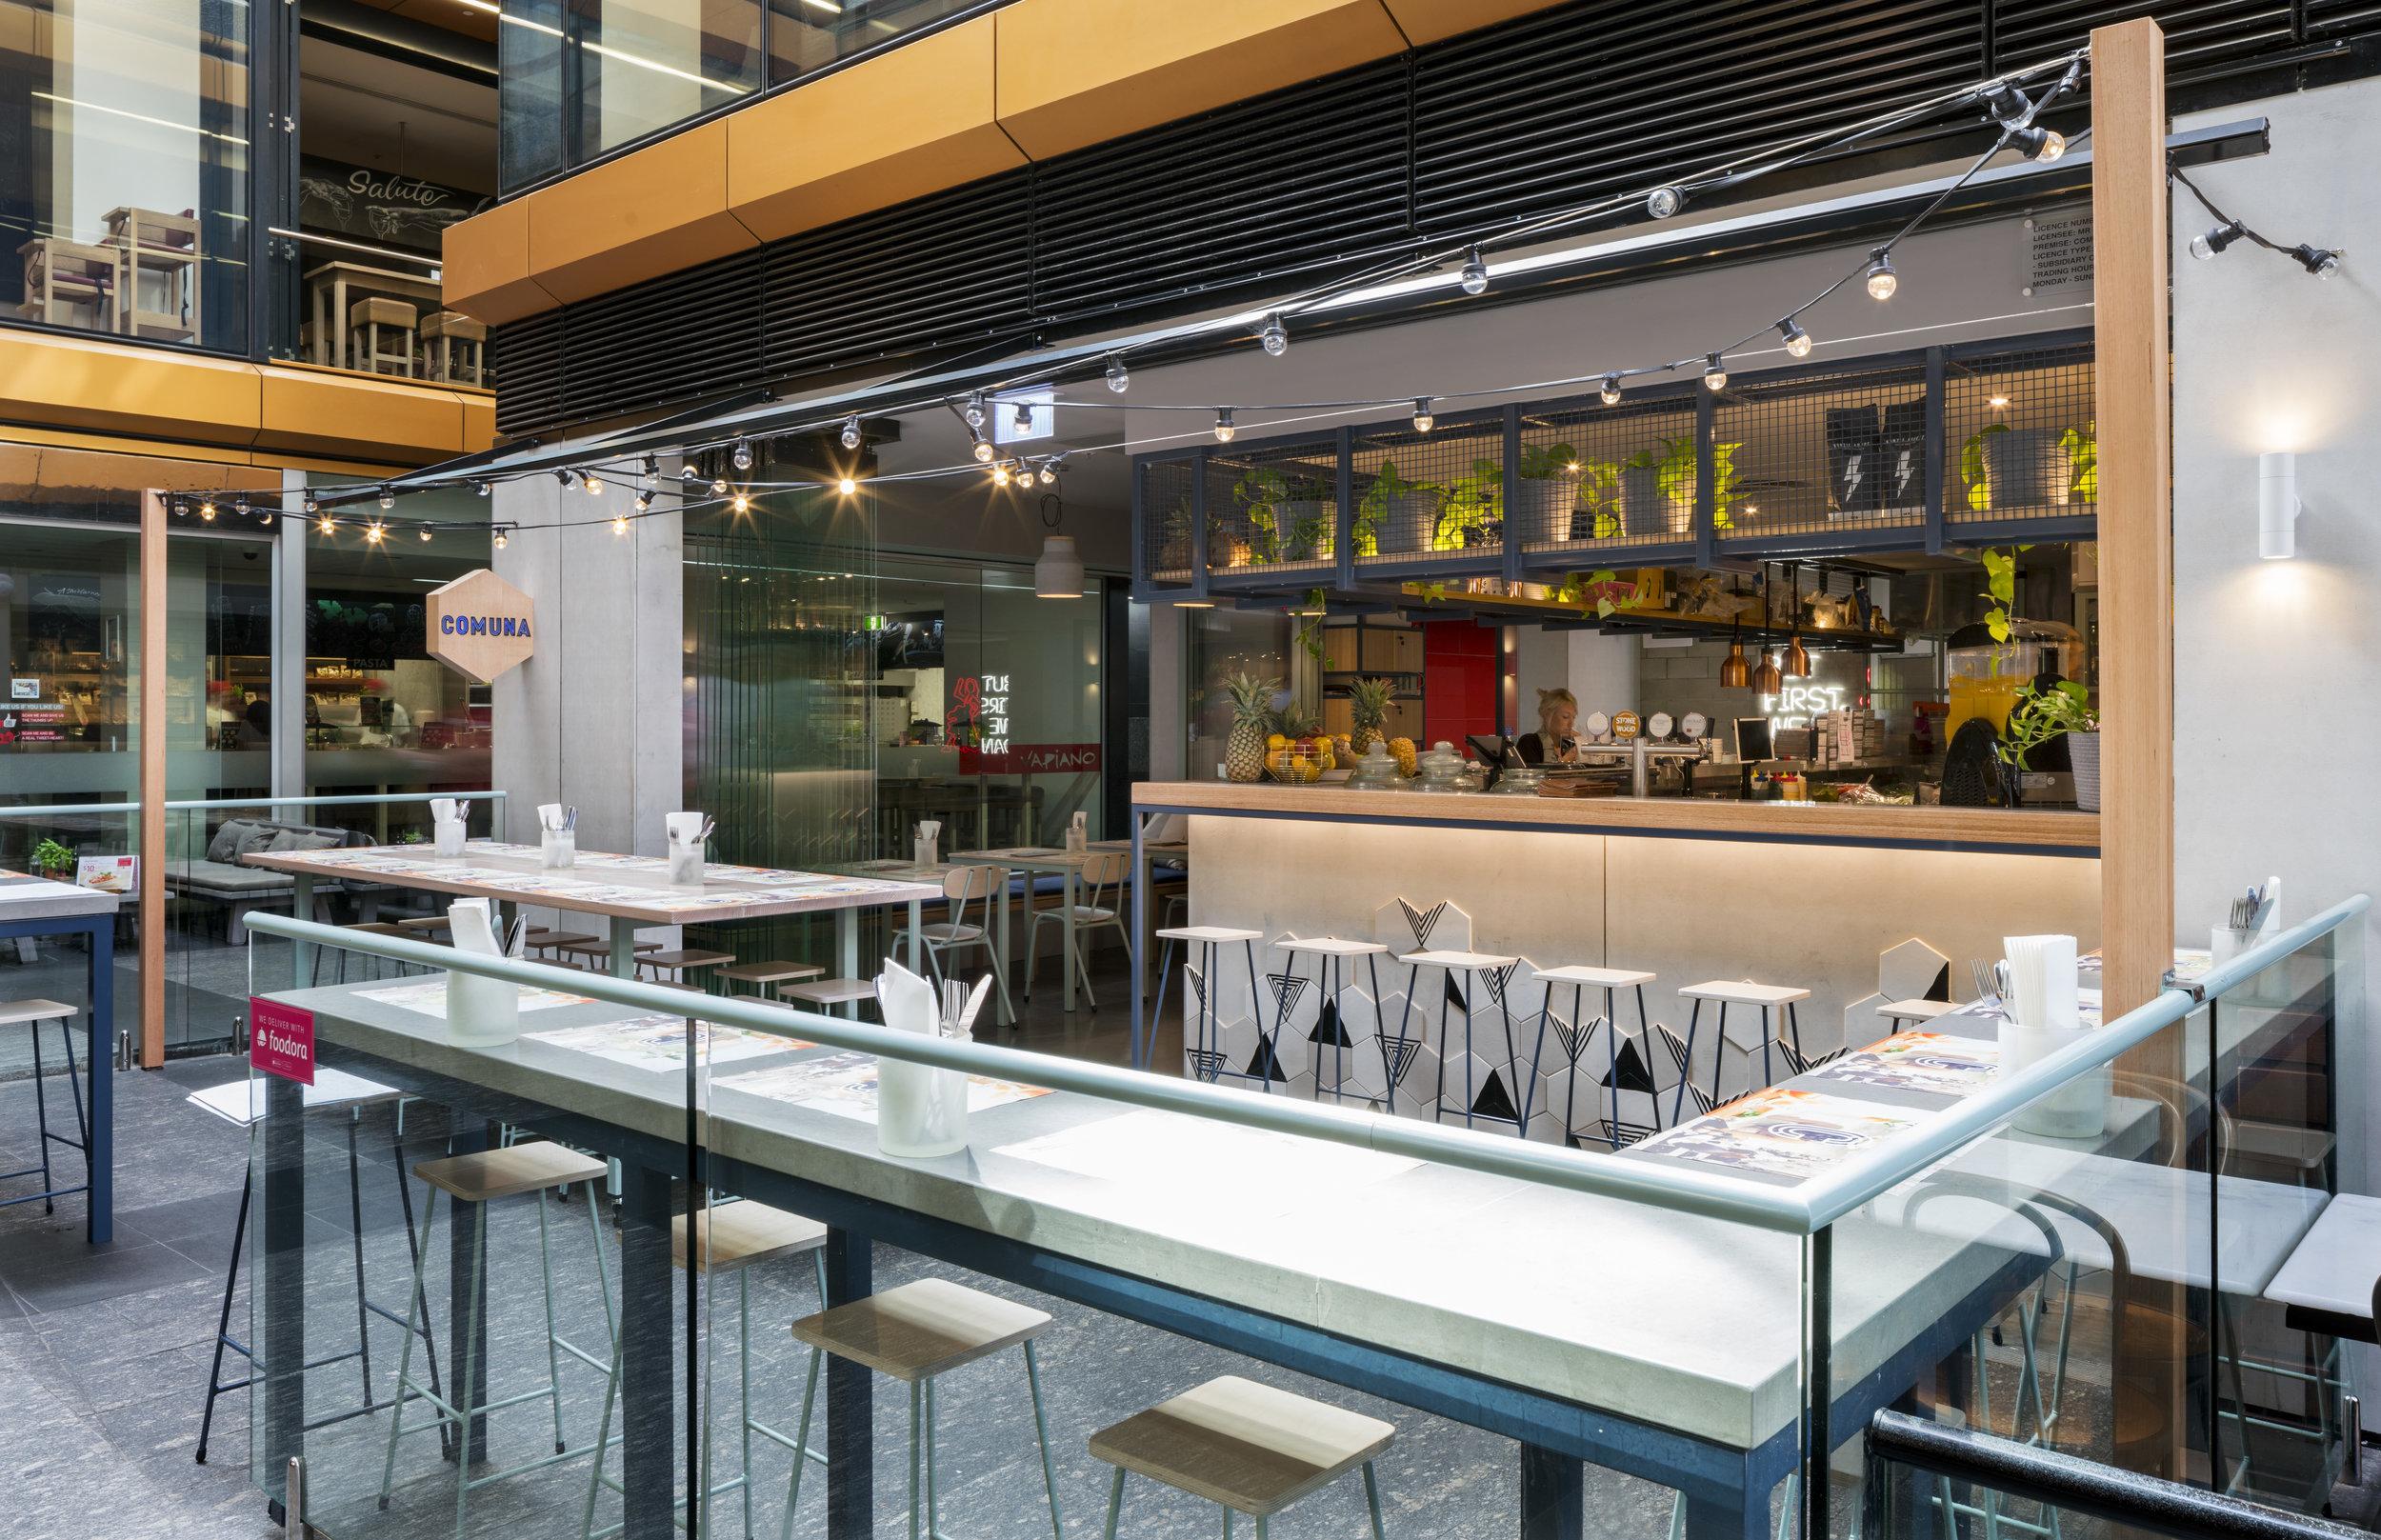 Comuna Cantina Shopfront - Collectivus Interior Design